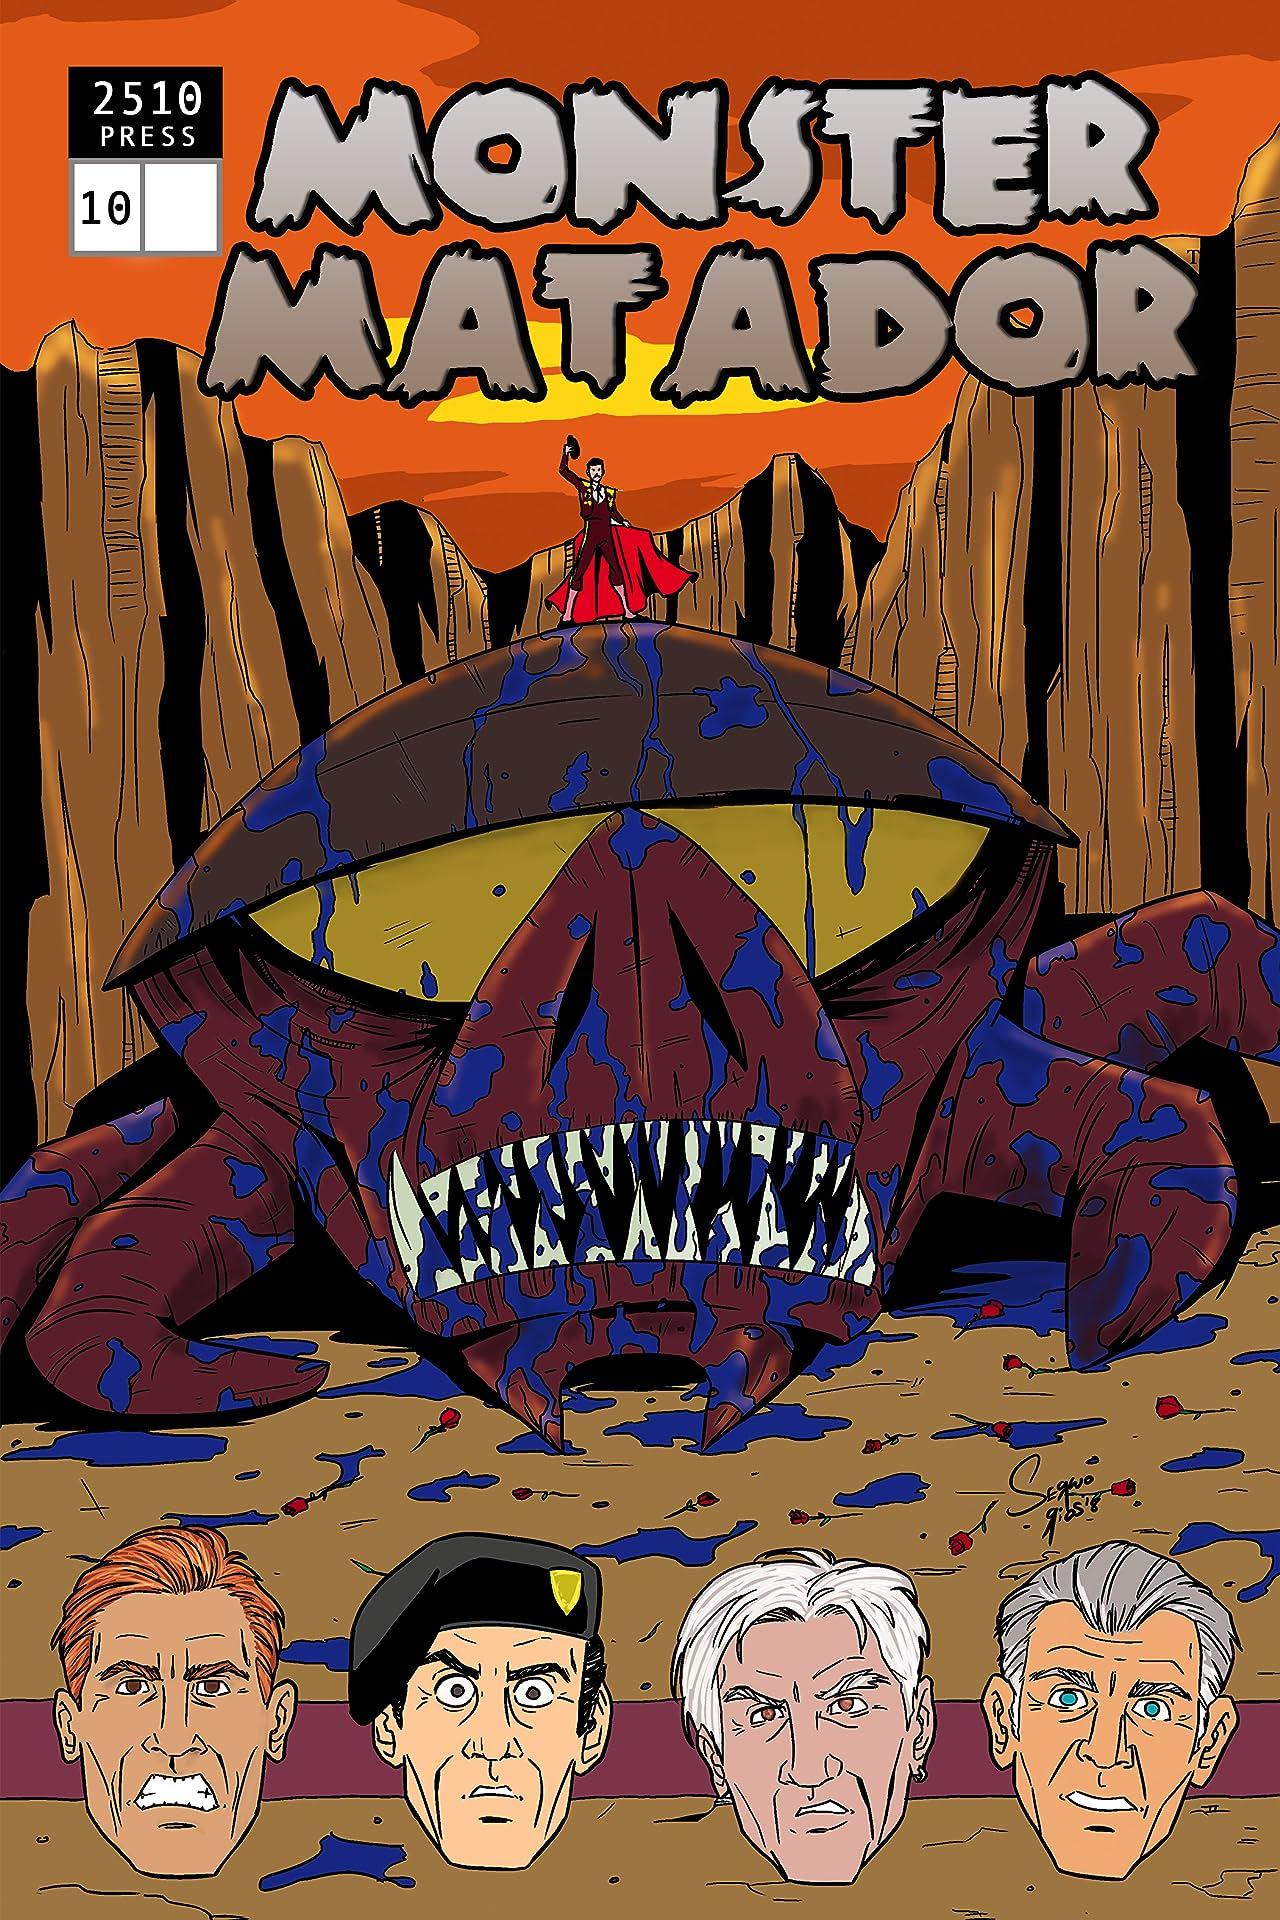 Monster Matador #10